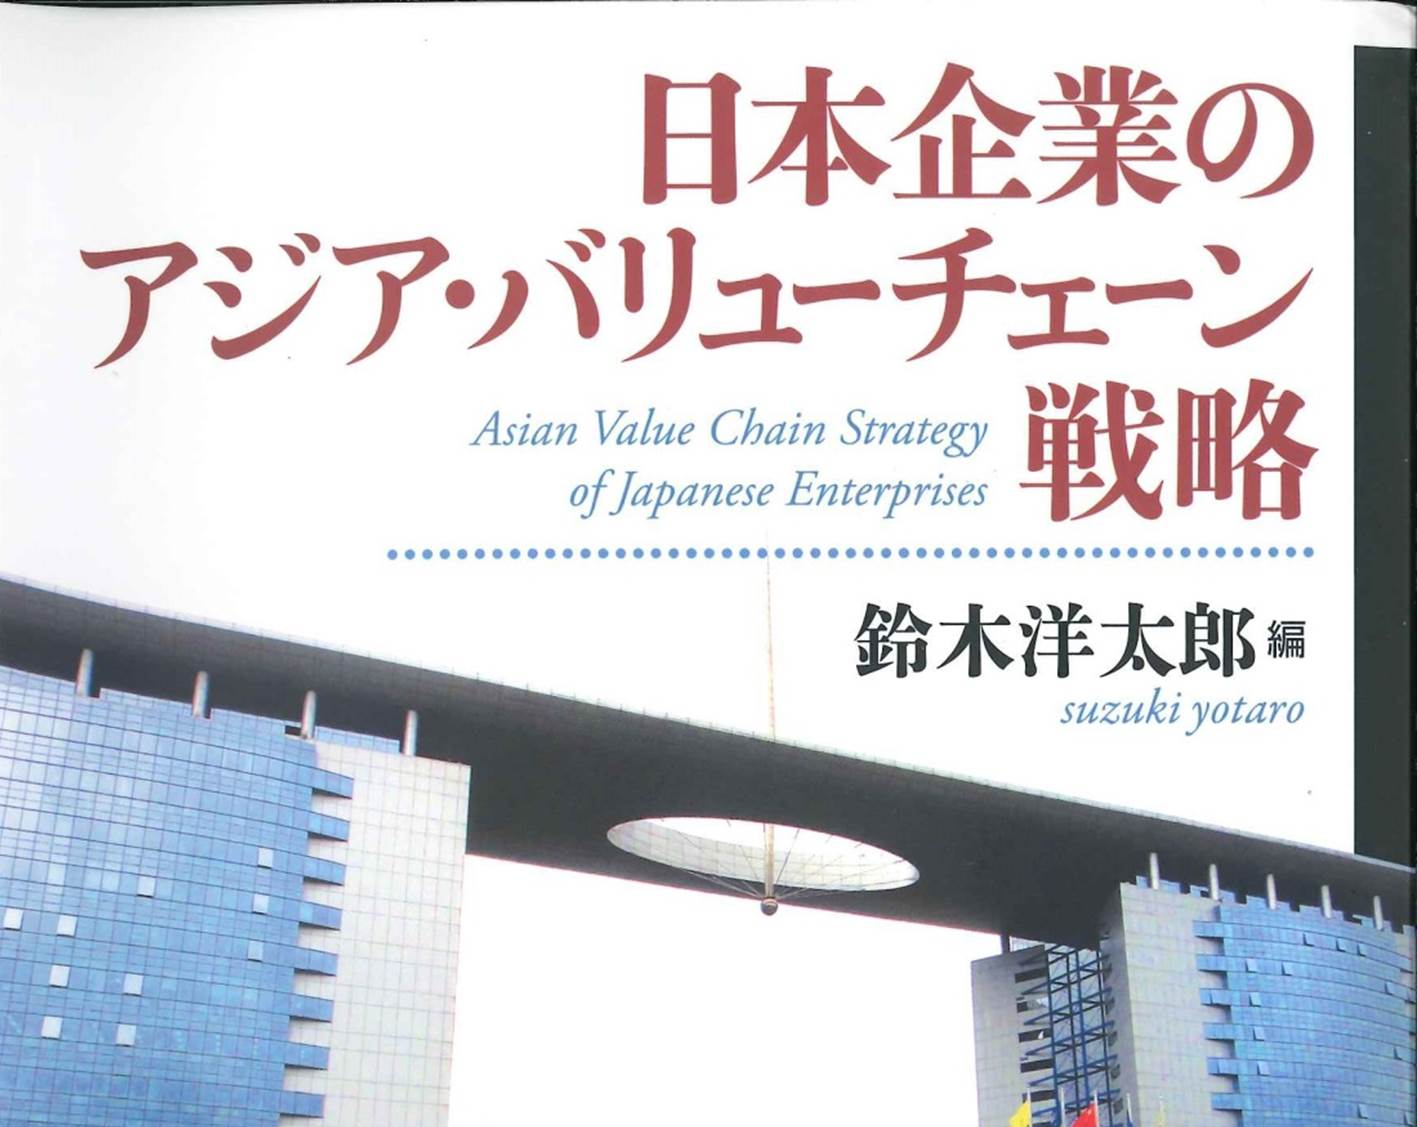 「日本企業のアジア・バリューチェーン戦略」が刊行